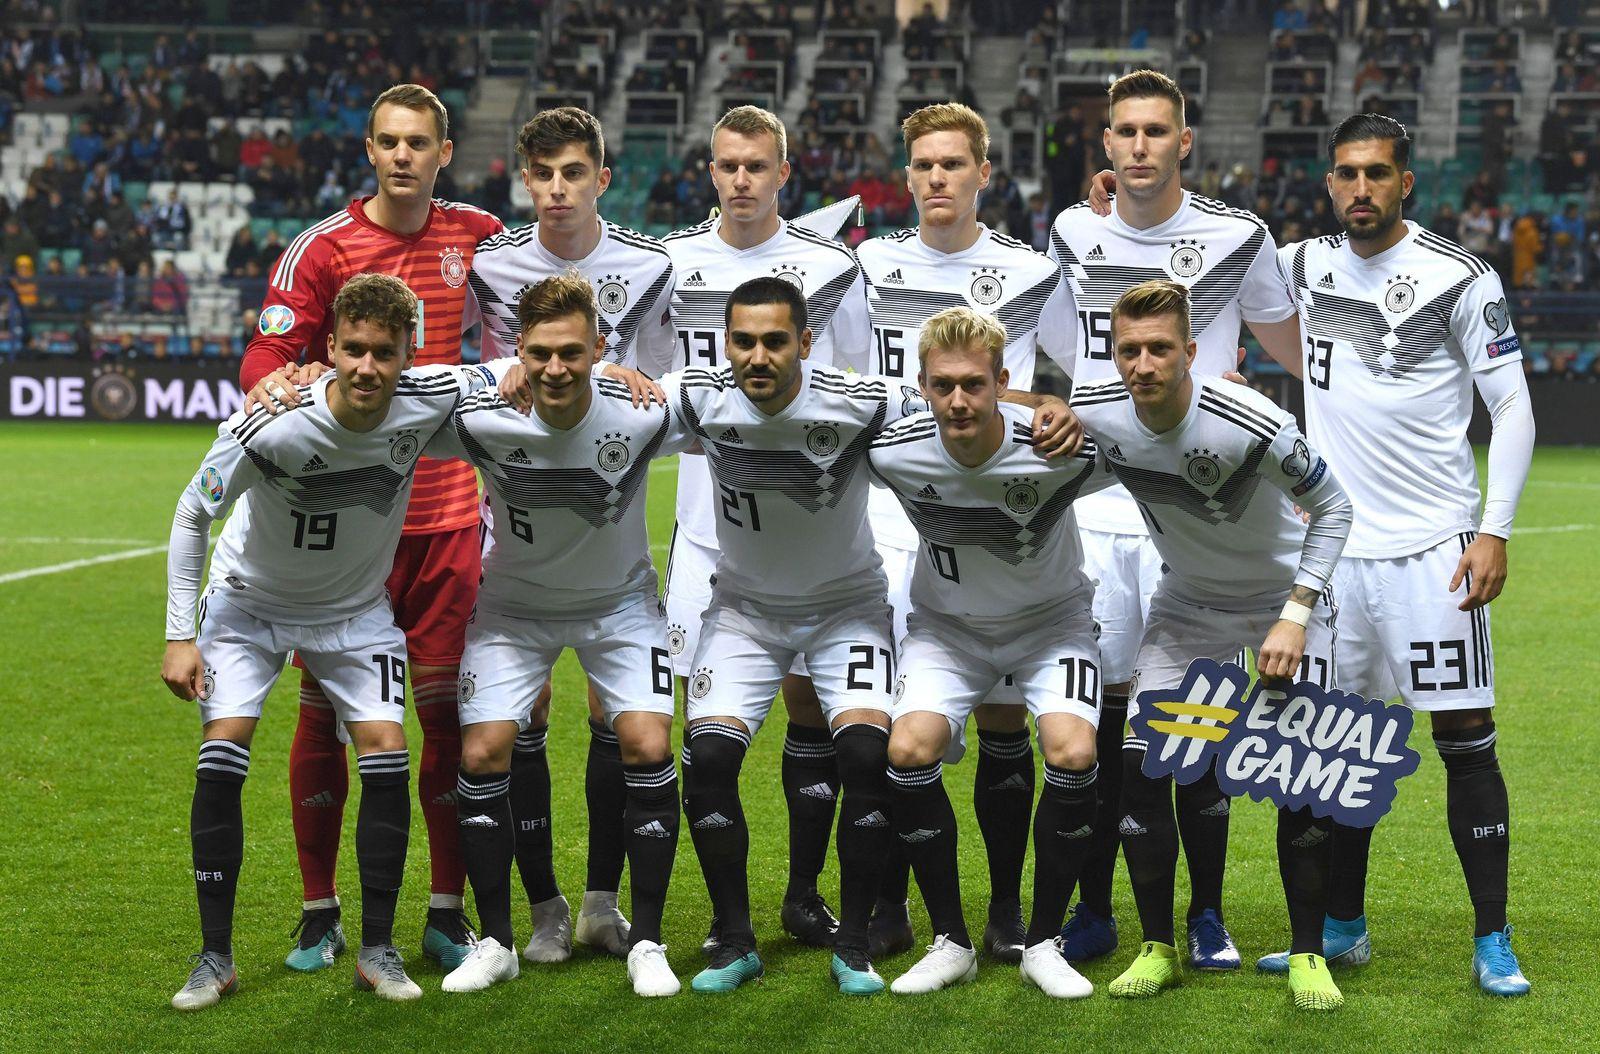 Estland - Deutschland DFB-Team